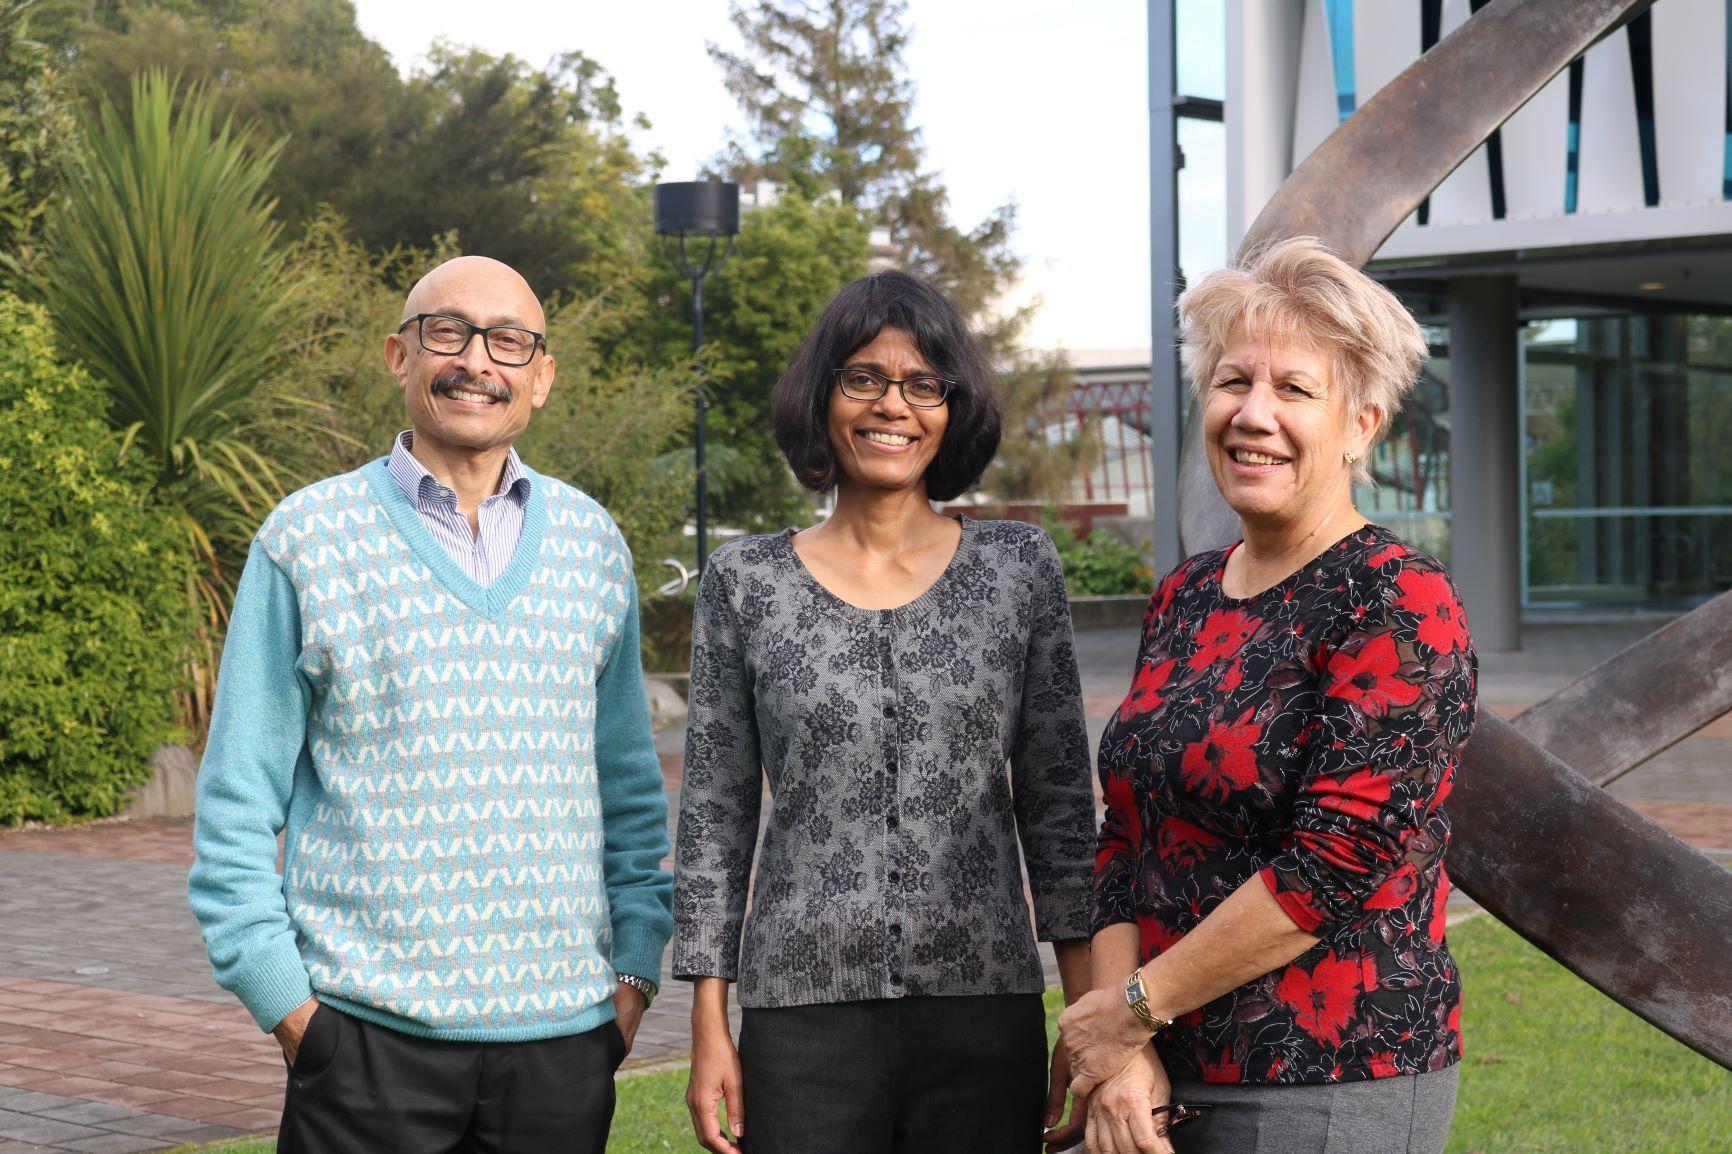 Debashish Munshi, Priya Kurian and Sandy Morrison